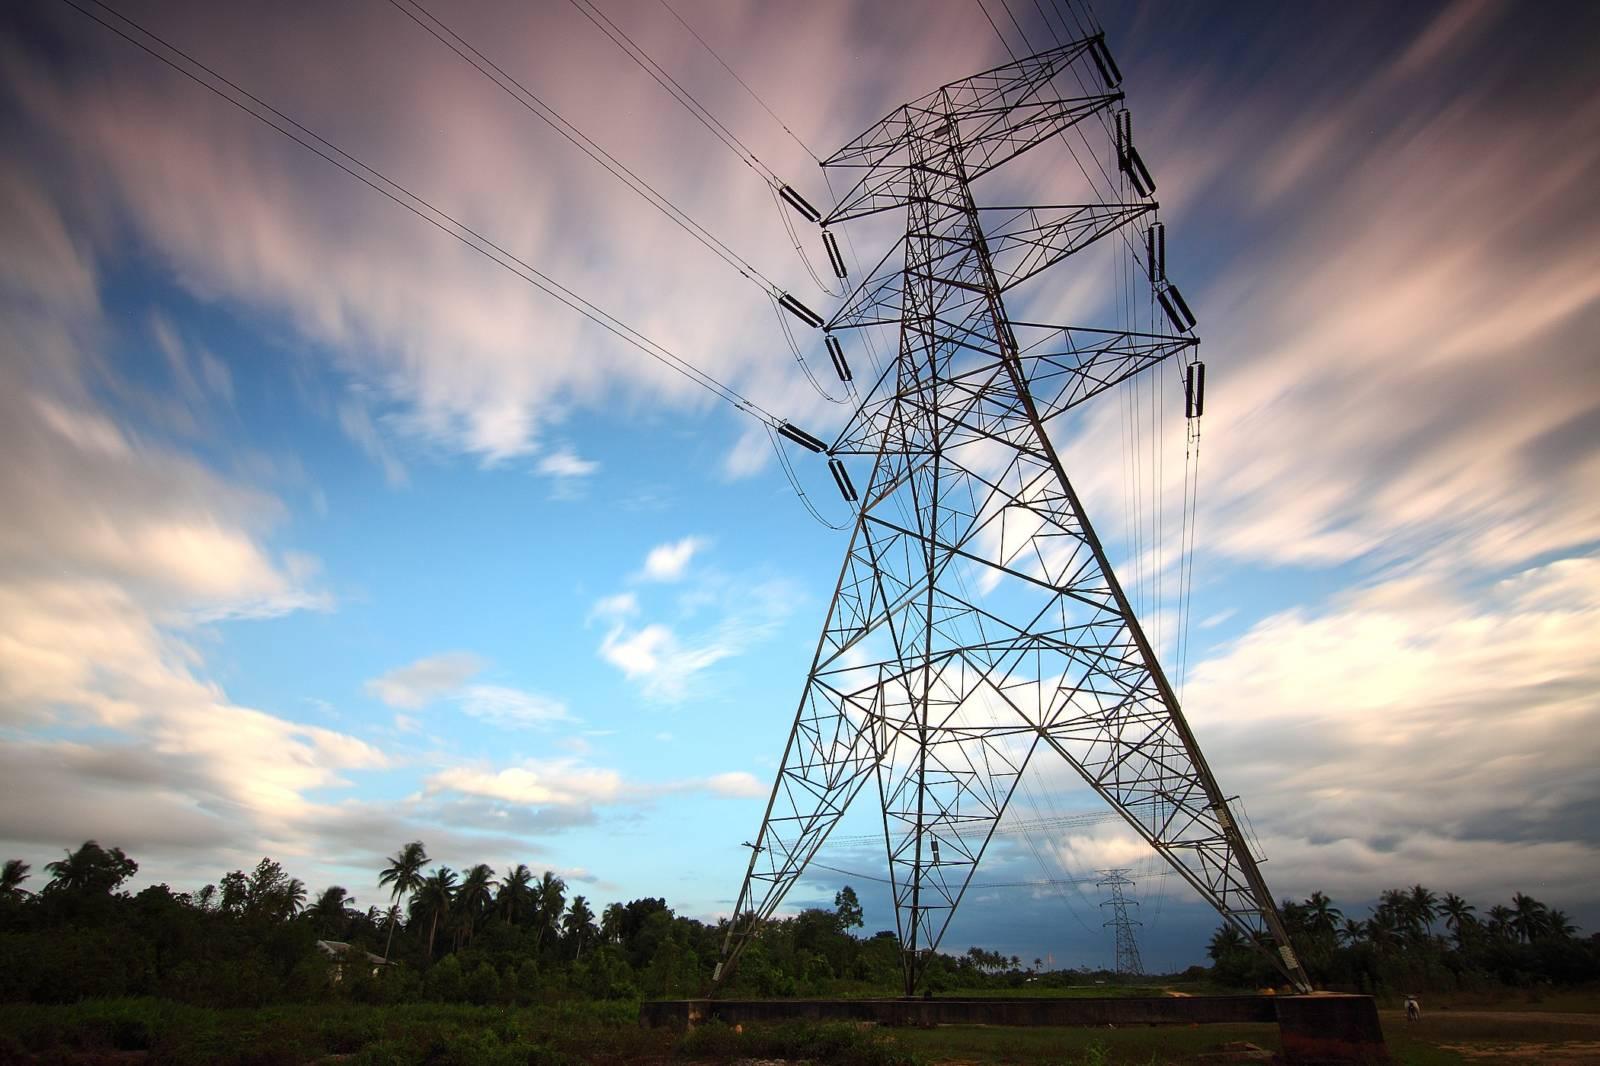 Niemcy bronią sektora energetycznego przed chińską ekspansją – czytaj w Ekspresie Niemieckim nr 3